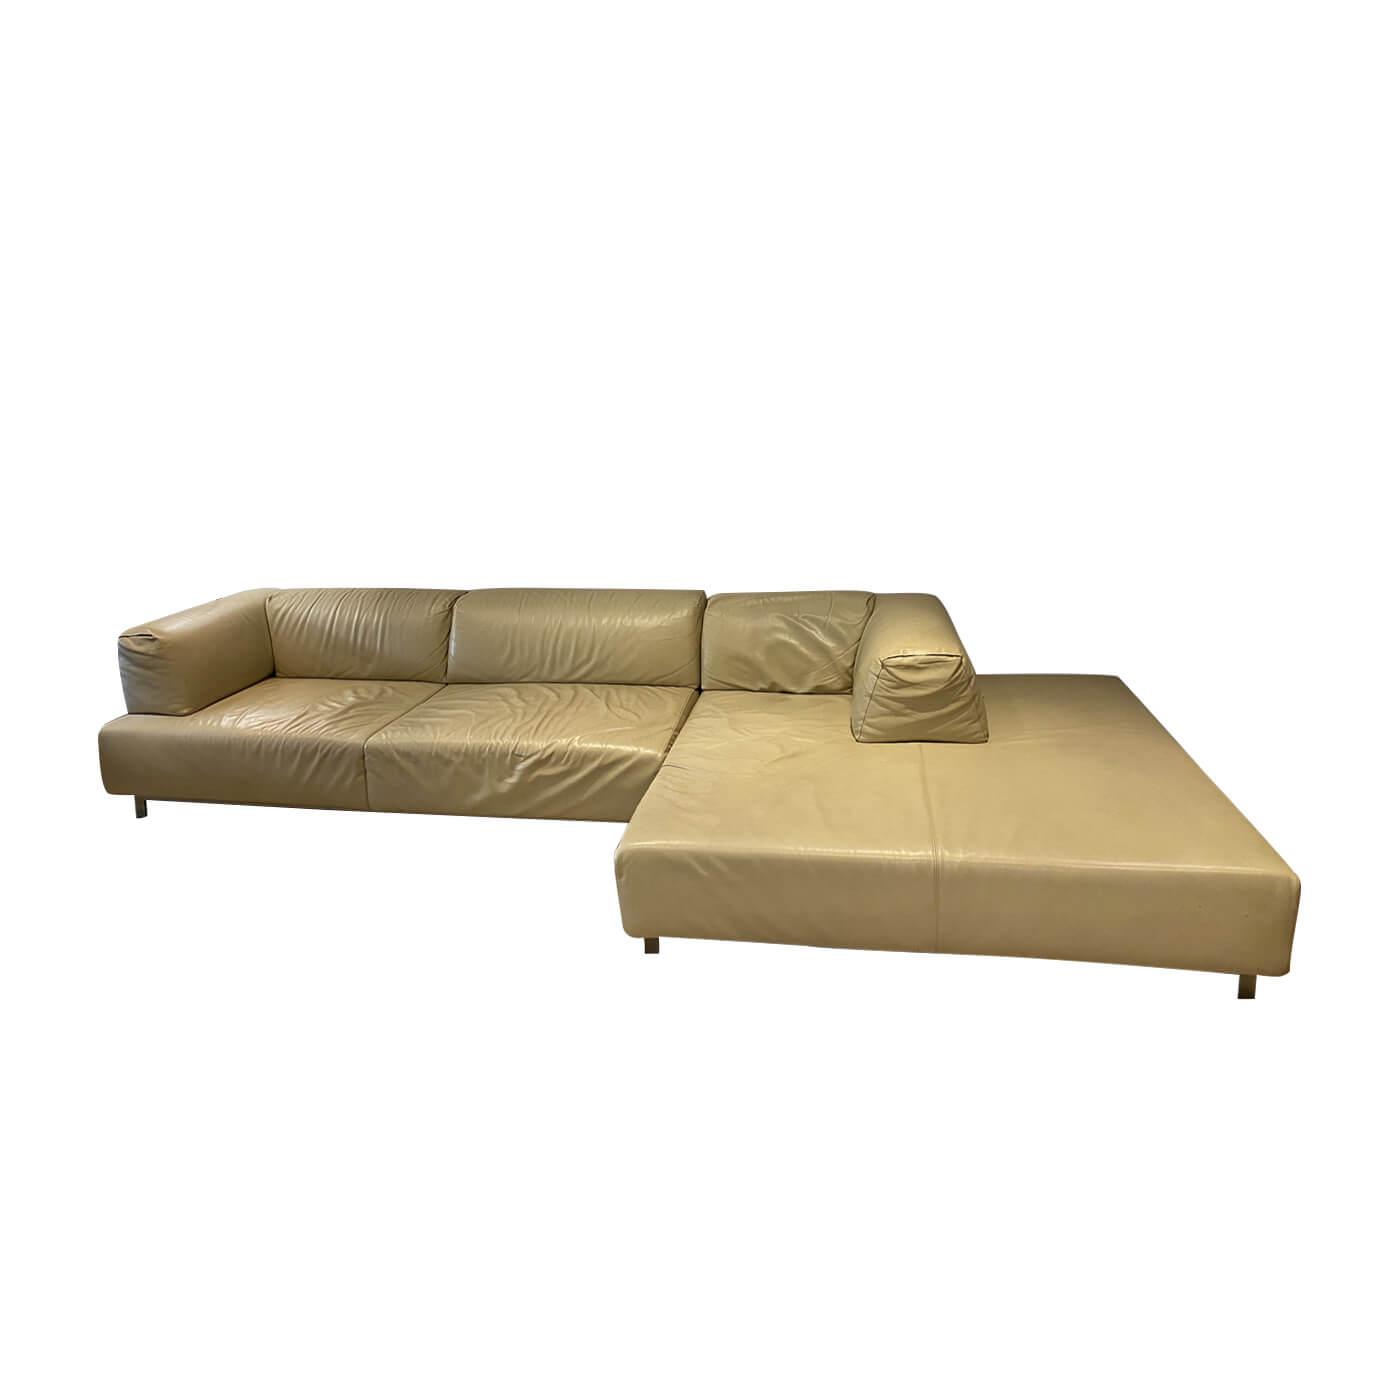 Living Divani Metro² cream leather modular sofa